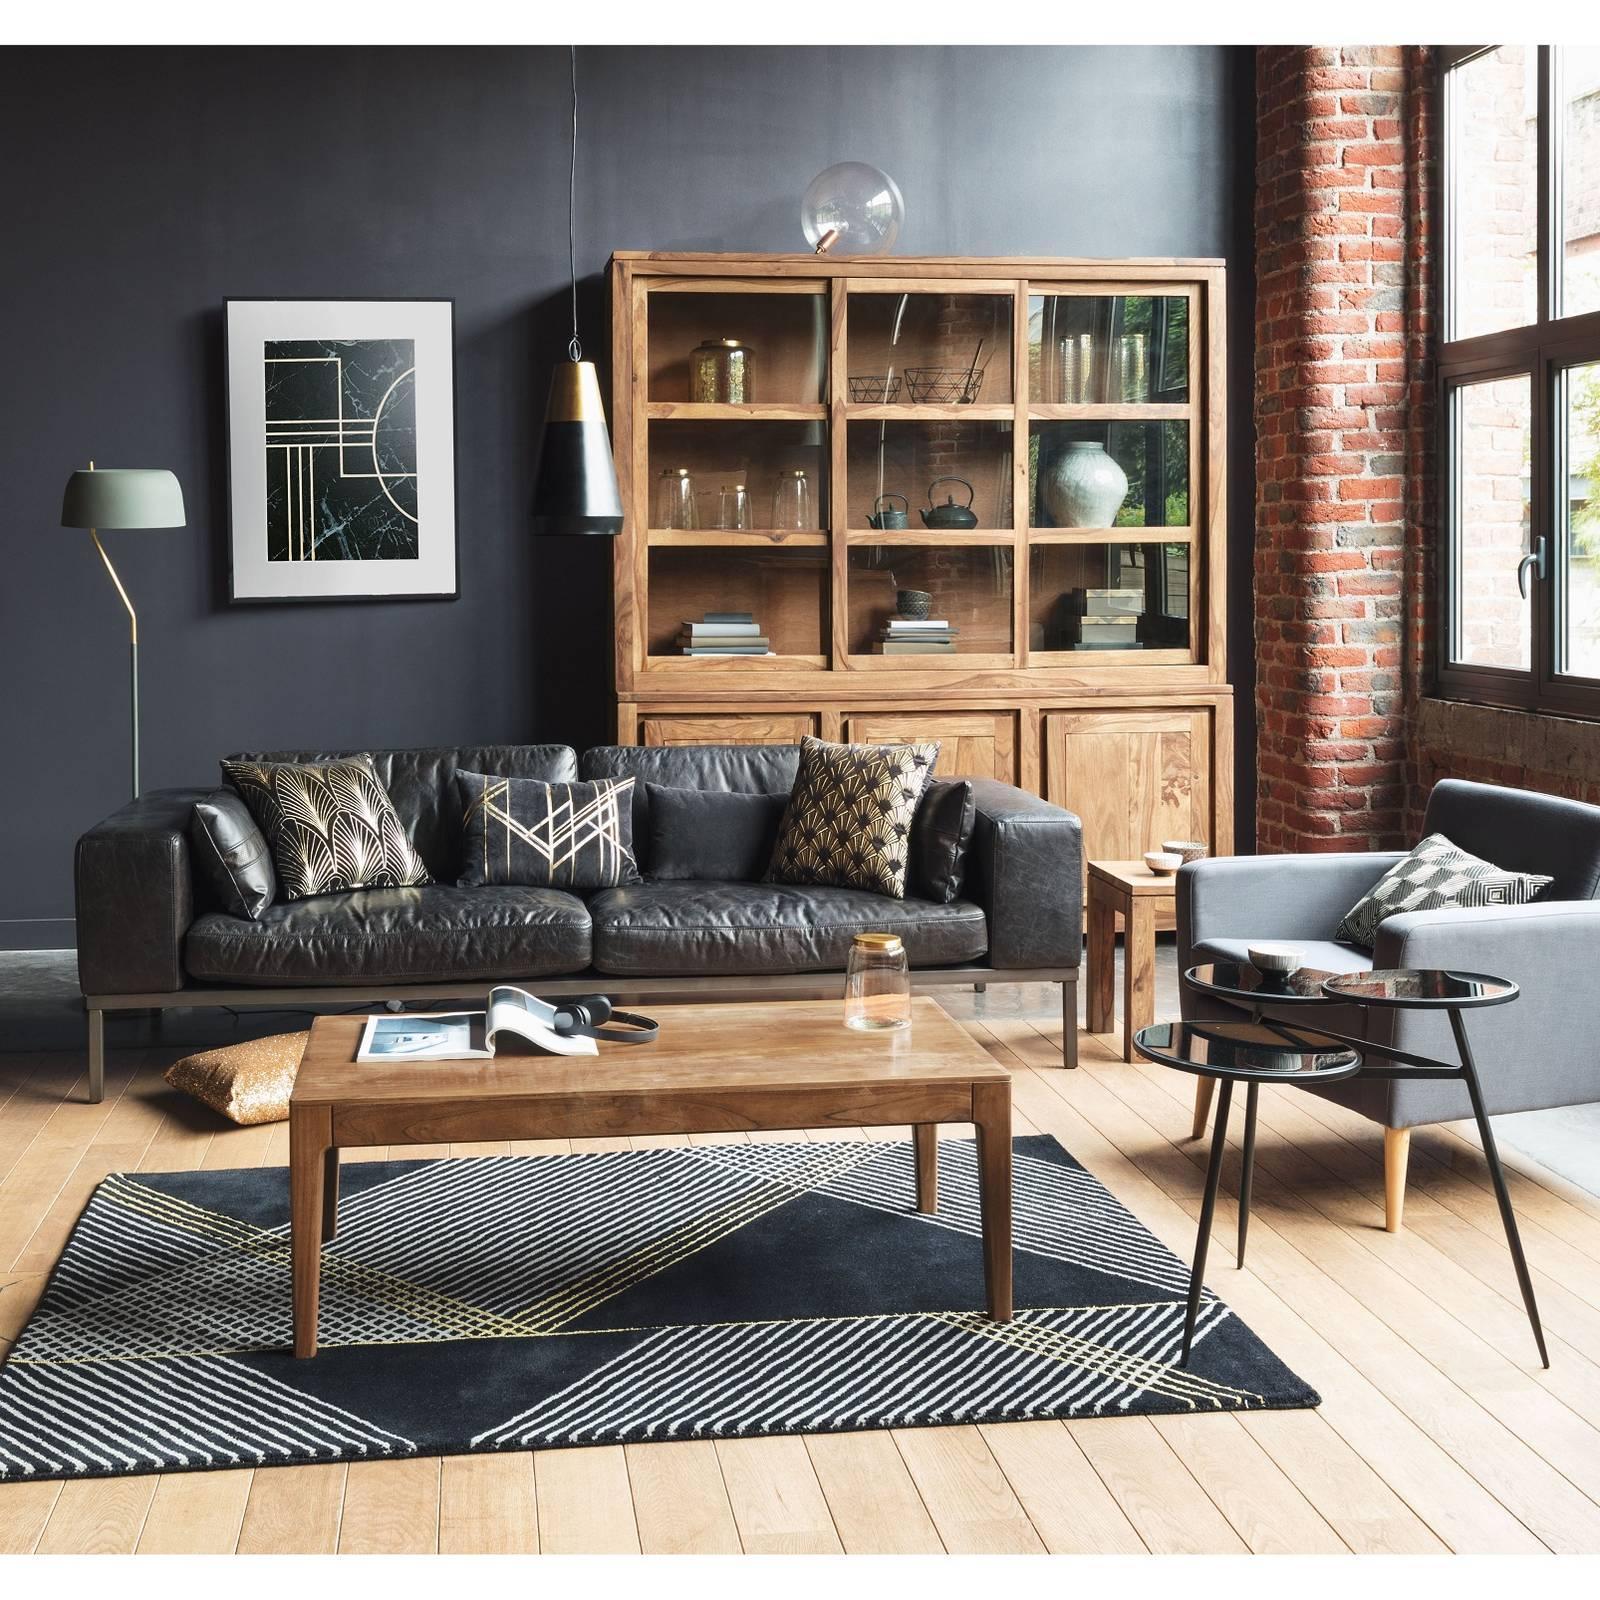 Cuscini Su Divano Marrone divano in pelle per un soggiorno raffinato - cose di casa